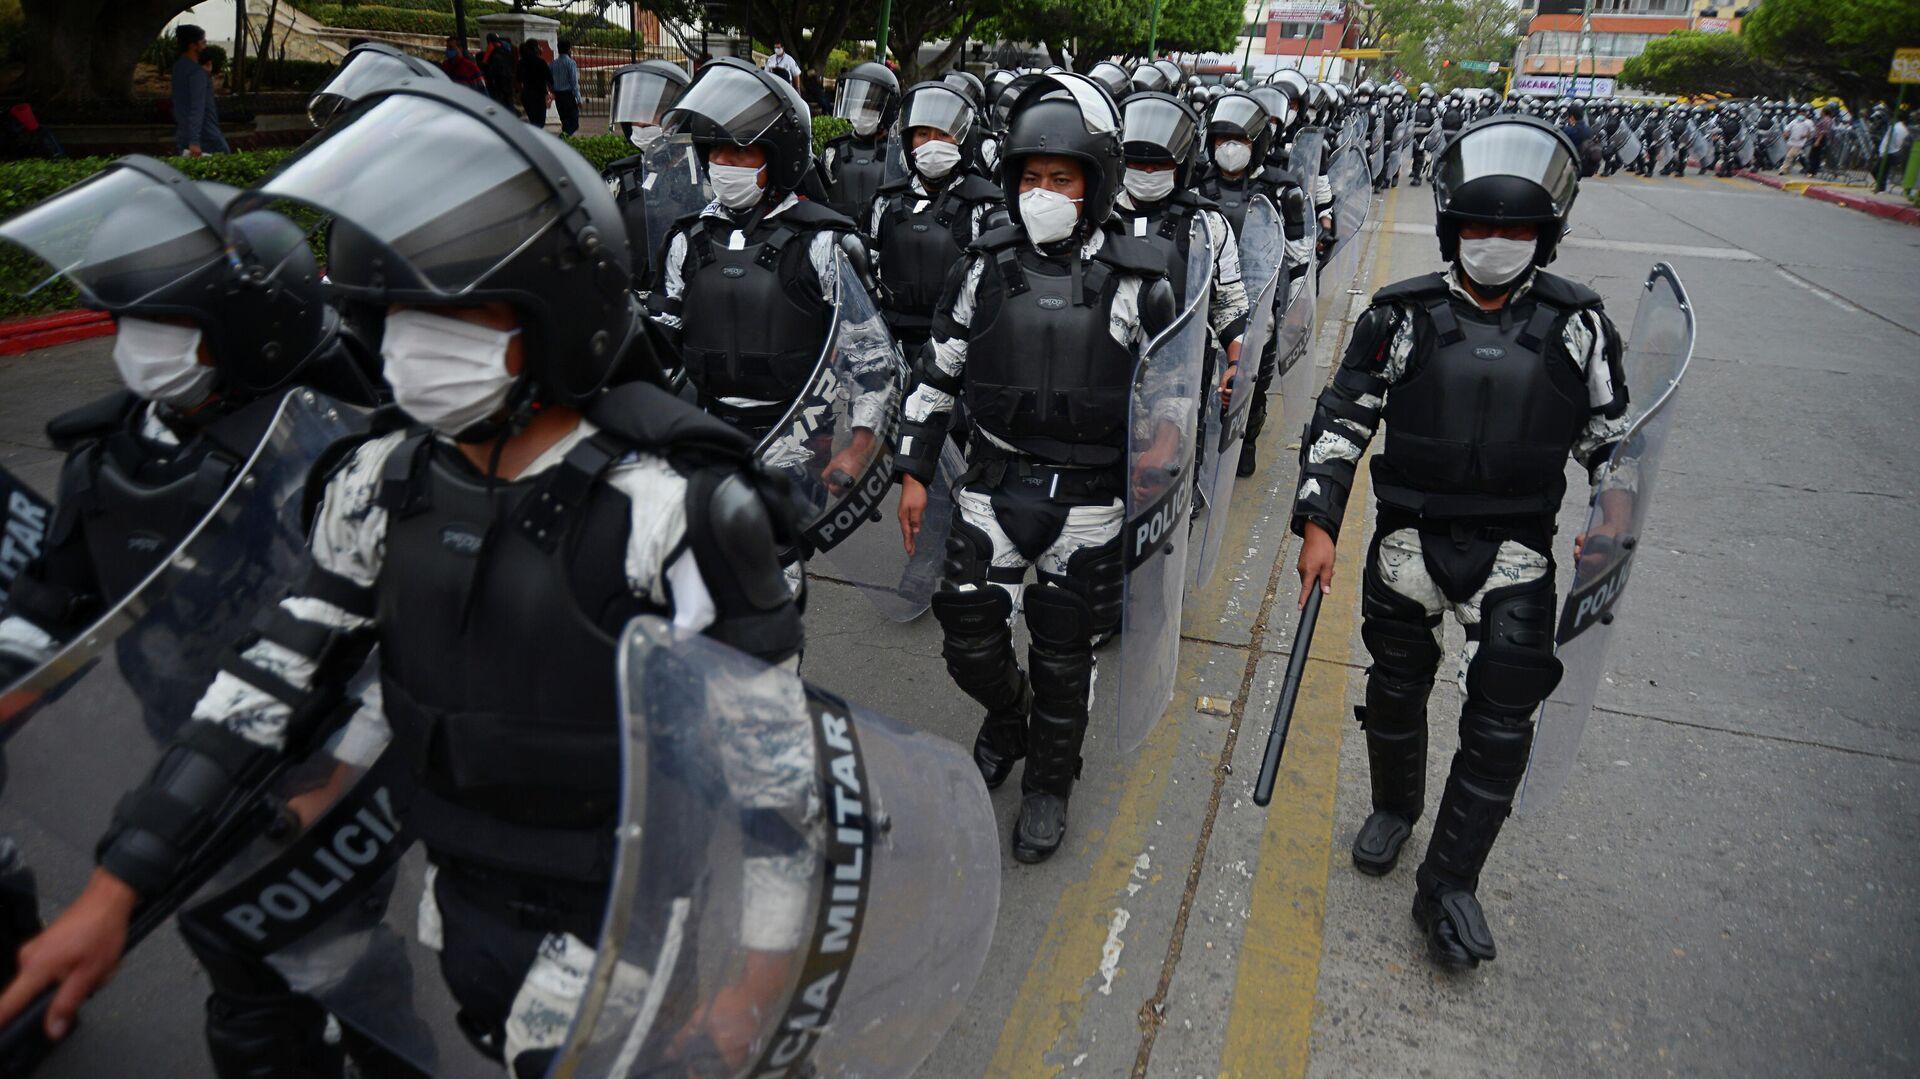 La Policía militar en la frontera entre Guatemala y México - Sputnik Mundo, 1920, 30.03.2021